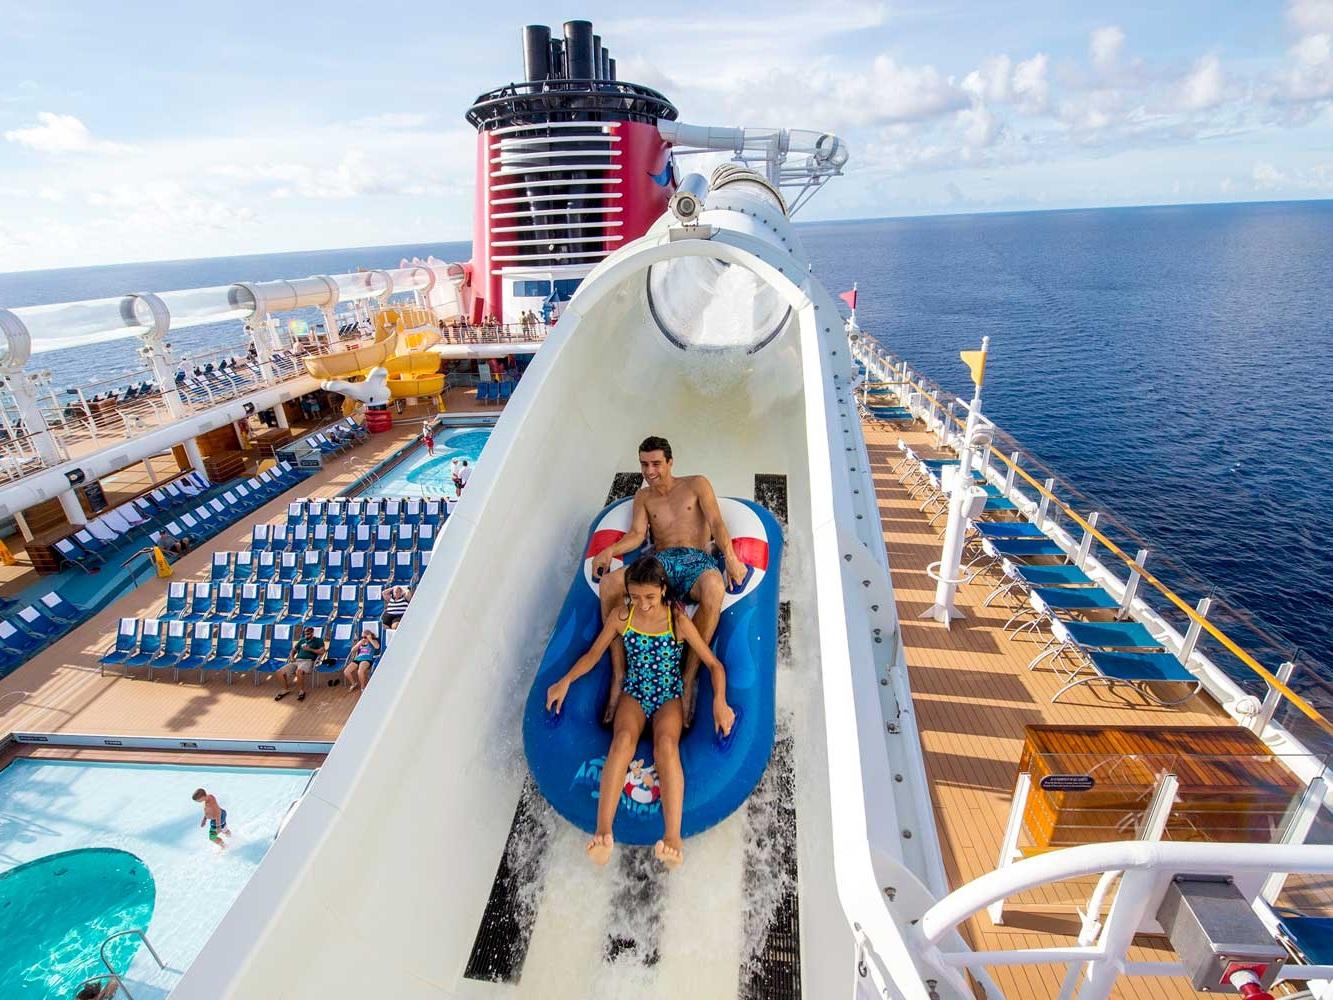 aqua-duck-coaster-disney-cruise-DISNEYCRUISE0119.jpg